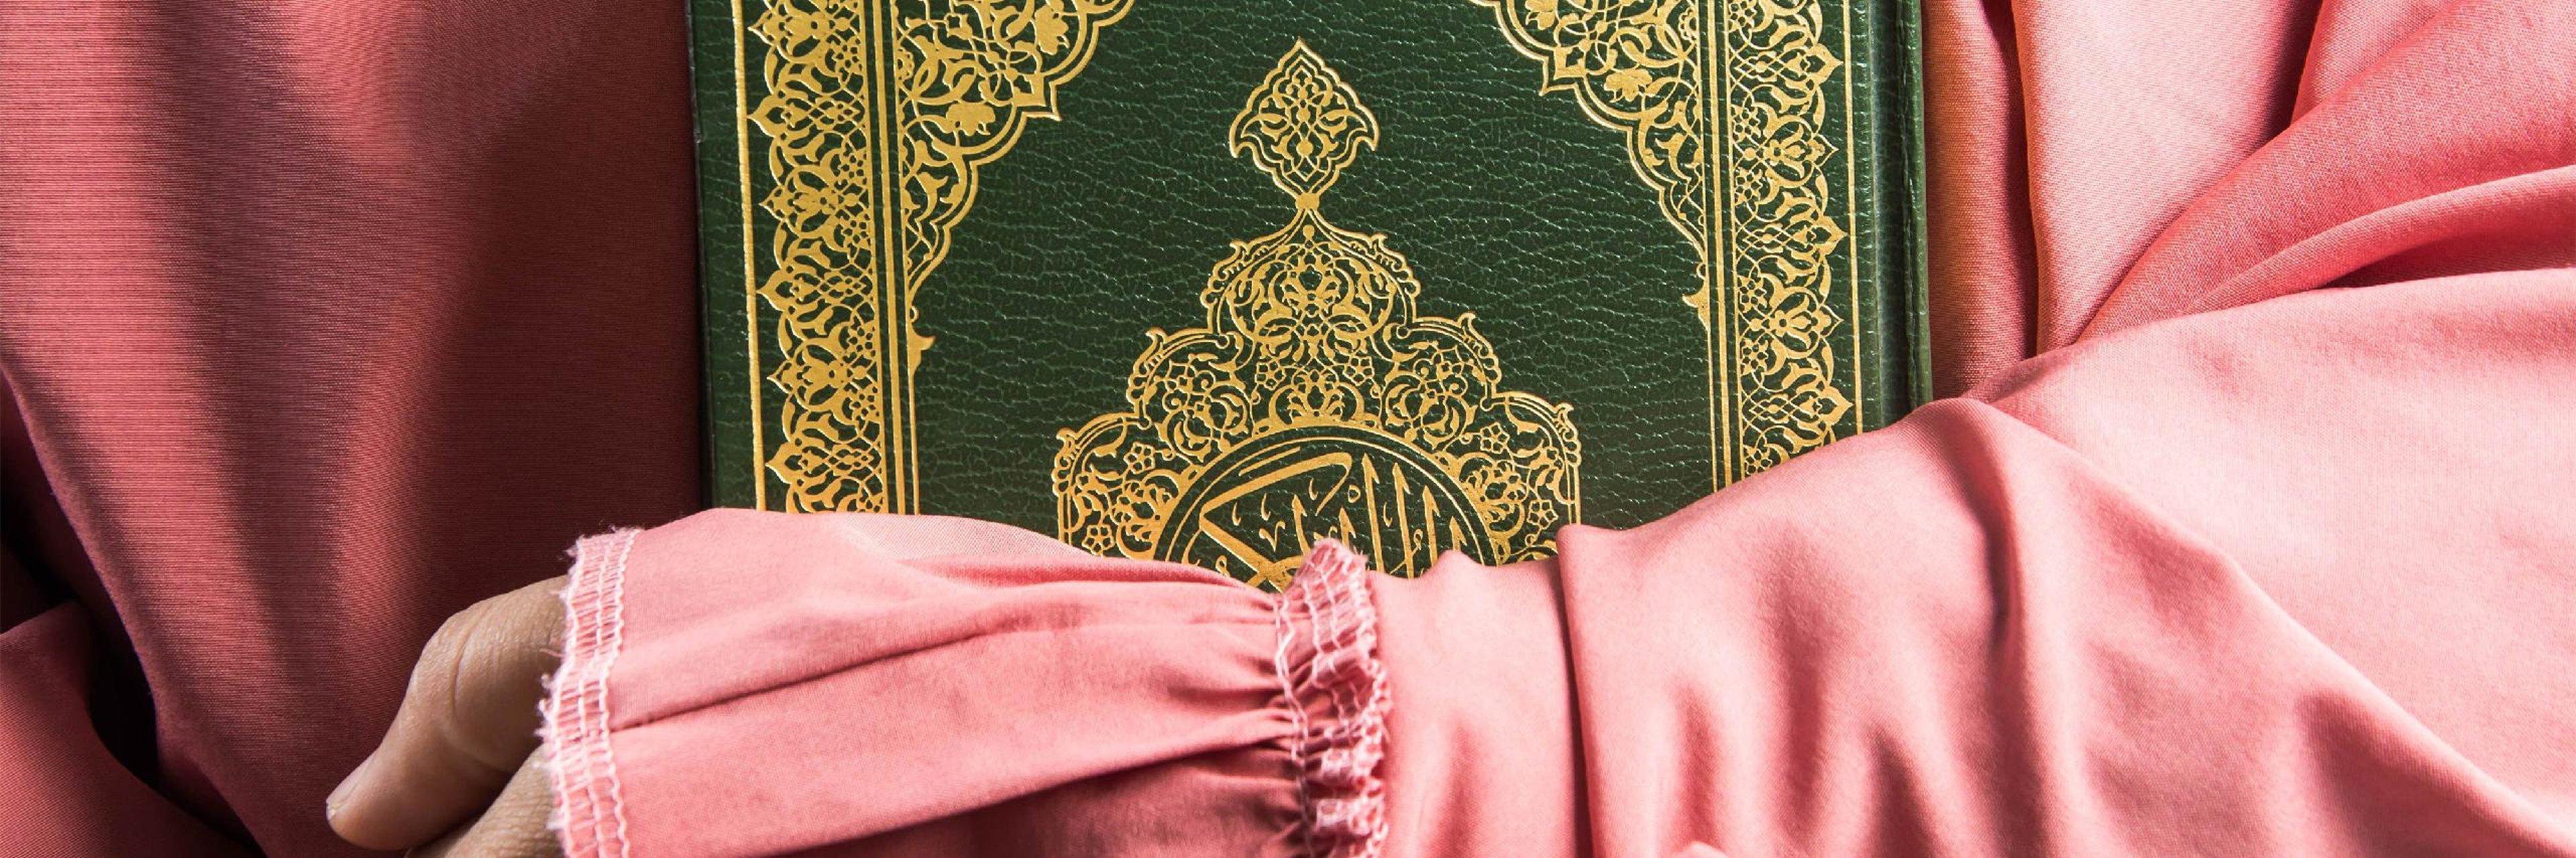 Courage & Commitment: The Femininity of Muslim Women